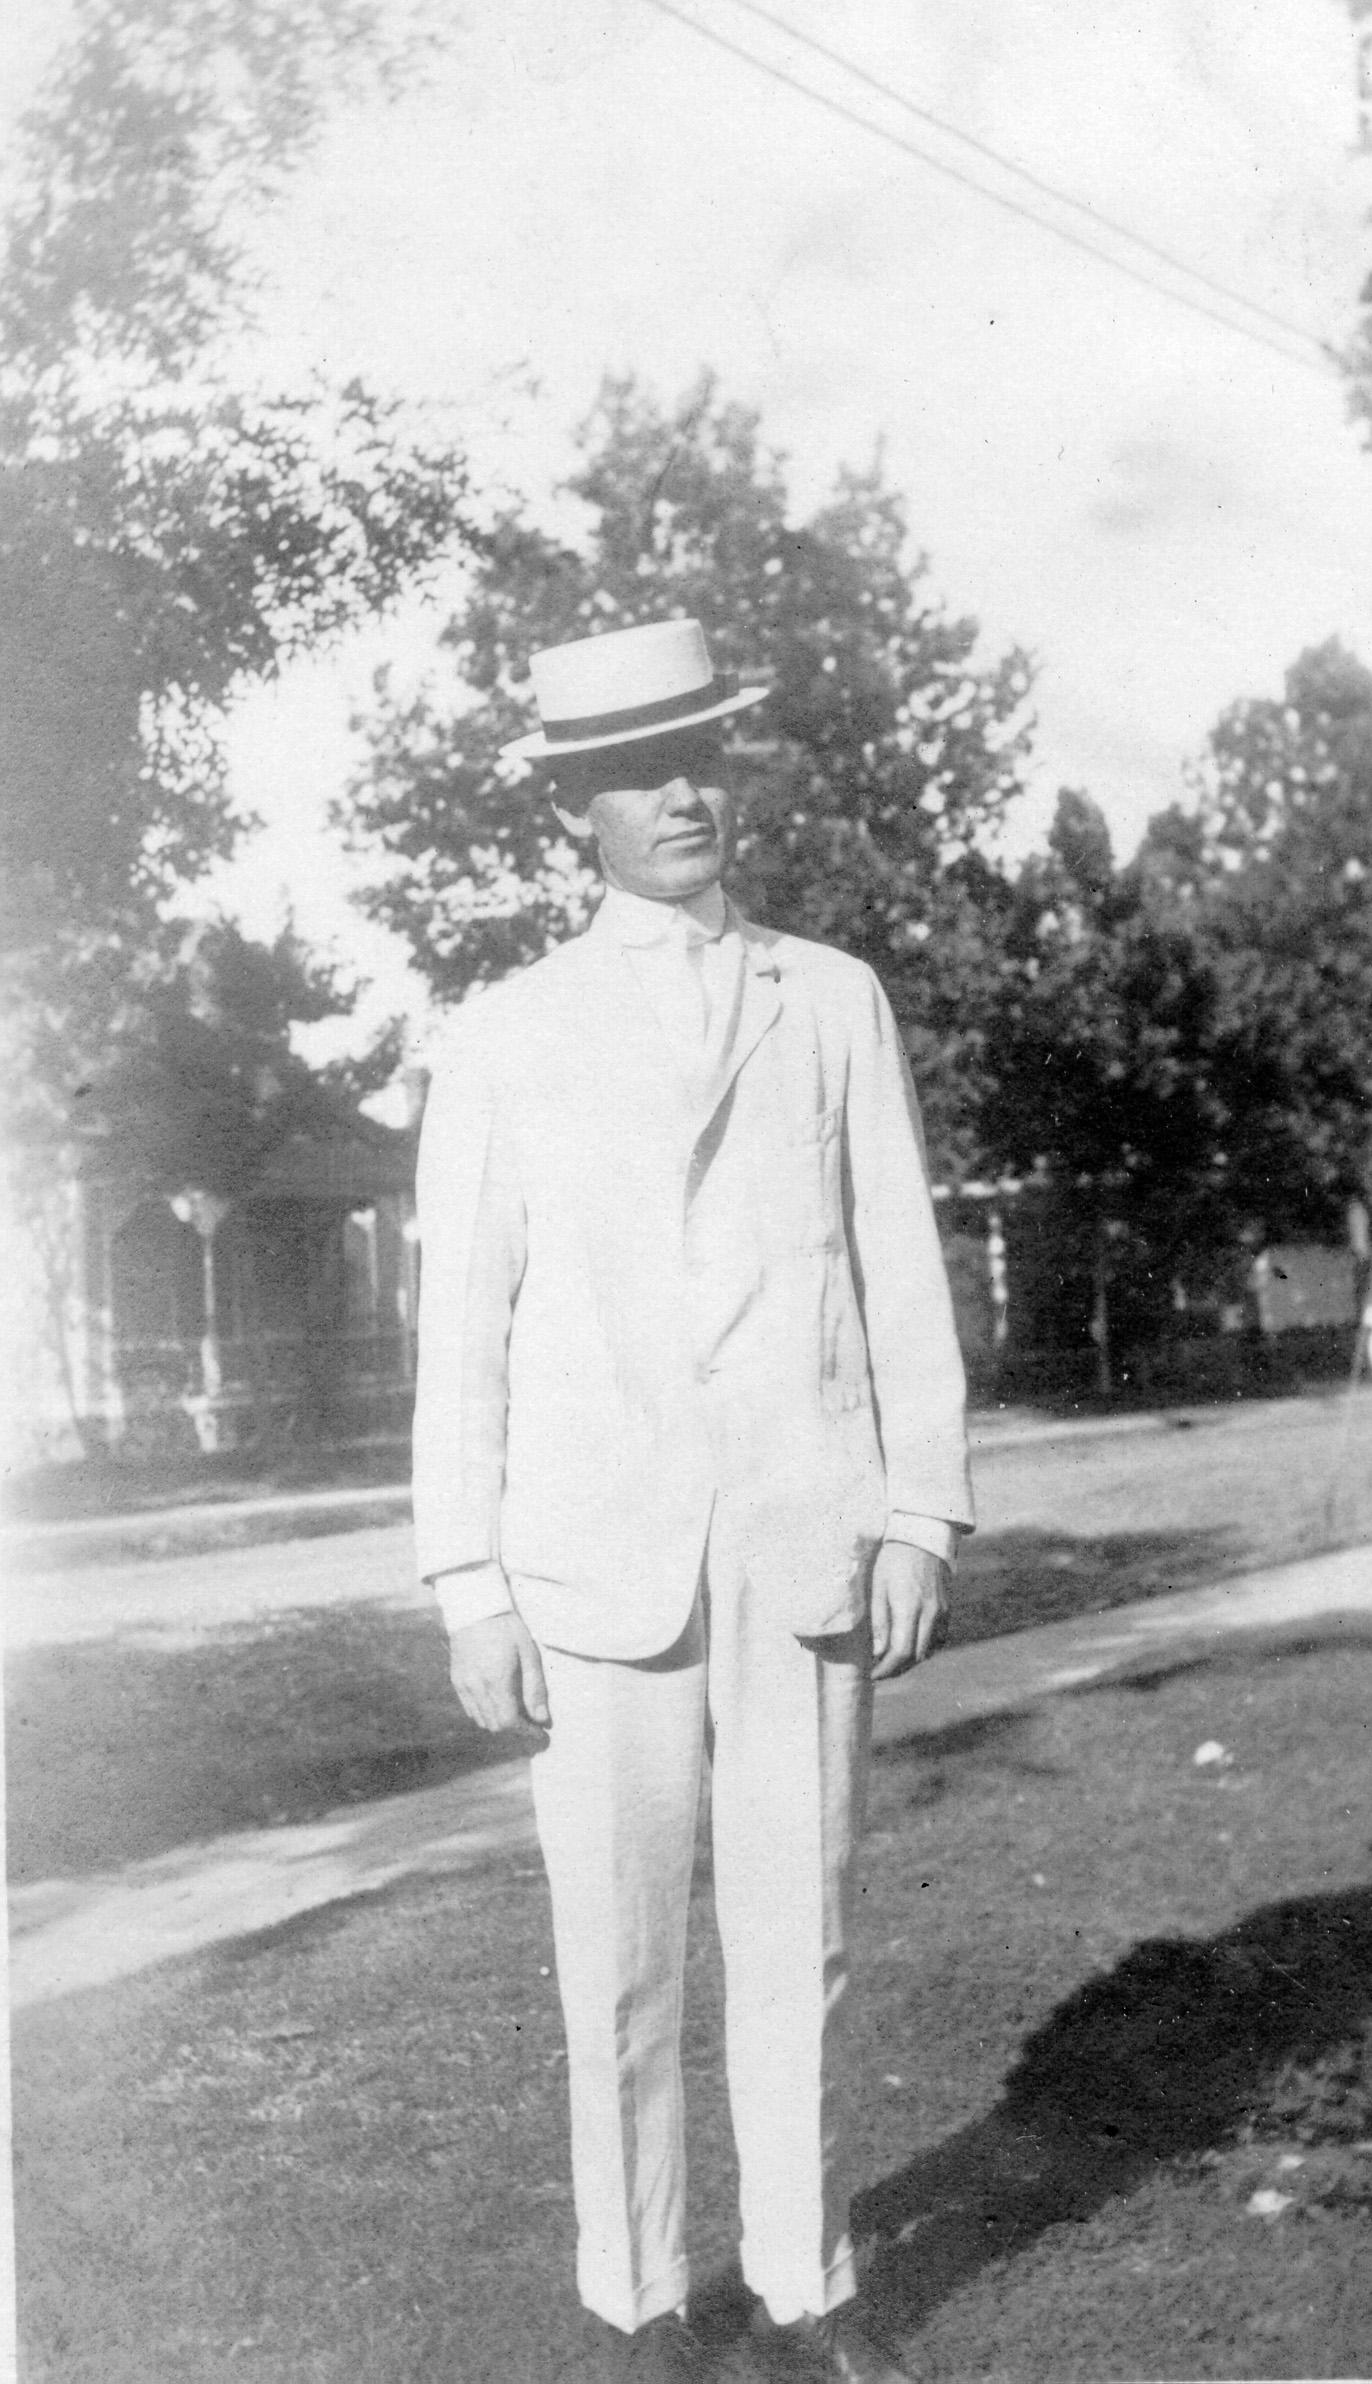 John L Kee